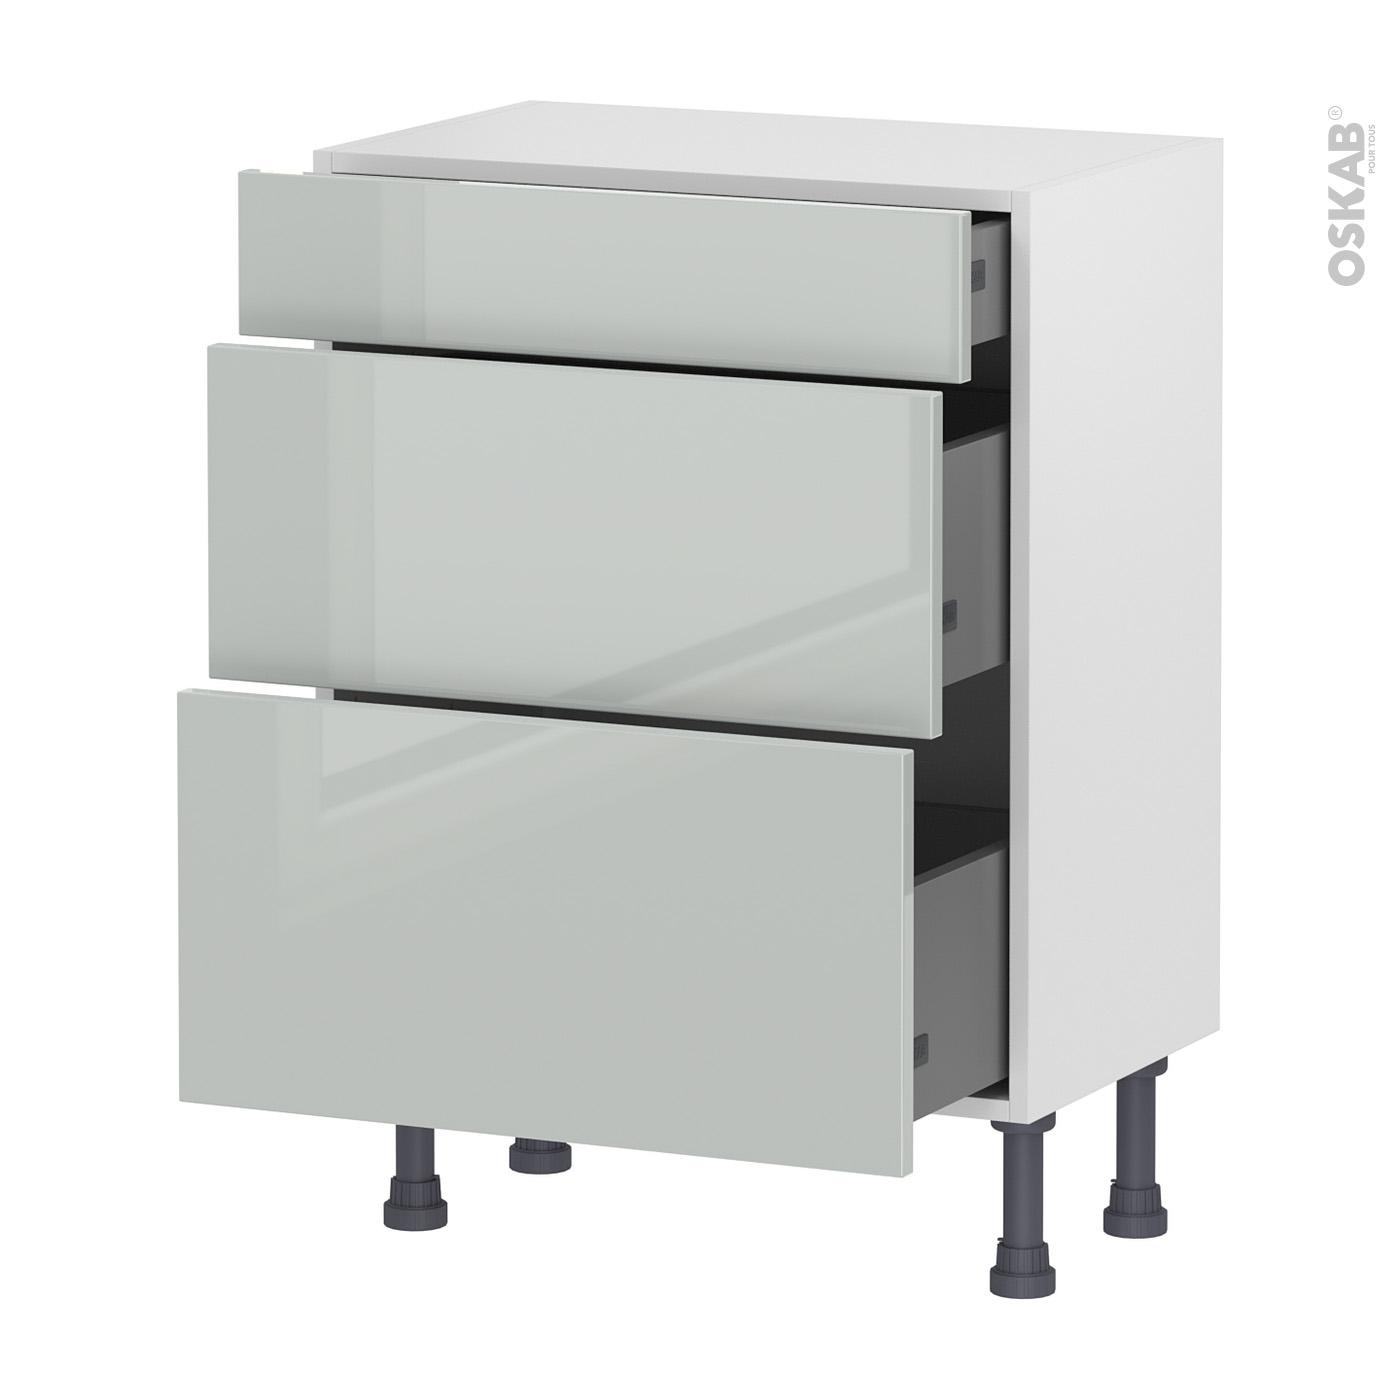 meuble de cuisine bas ivia gris 3 tiroirs l60 x h70 x p37 cm